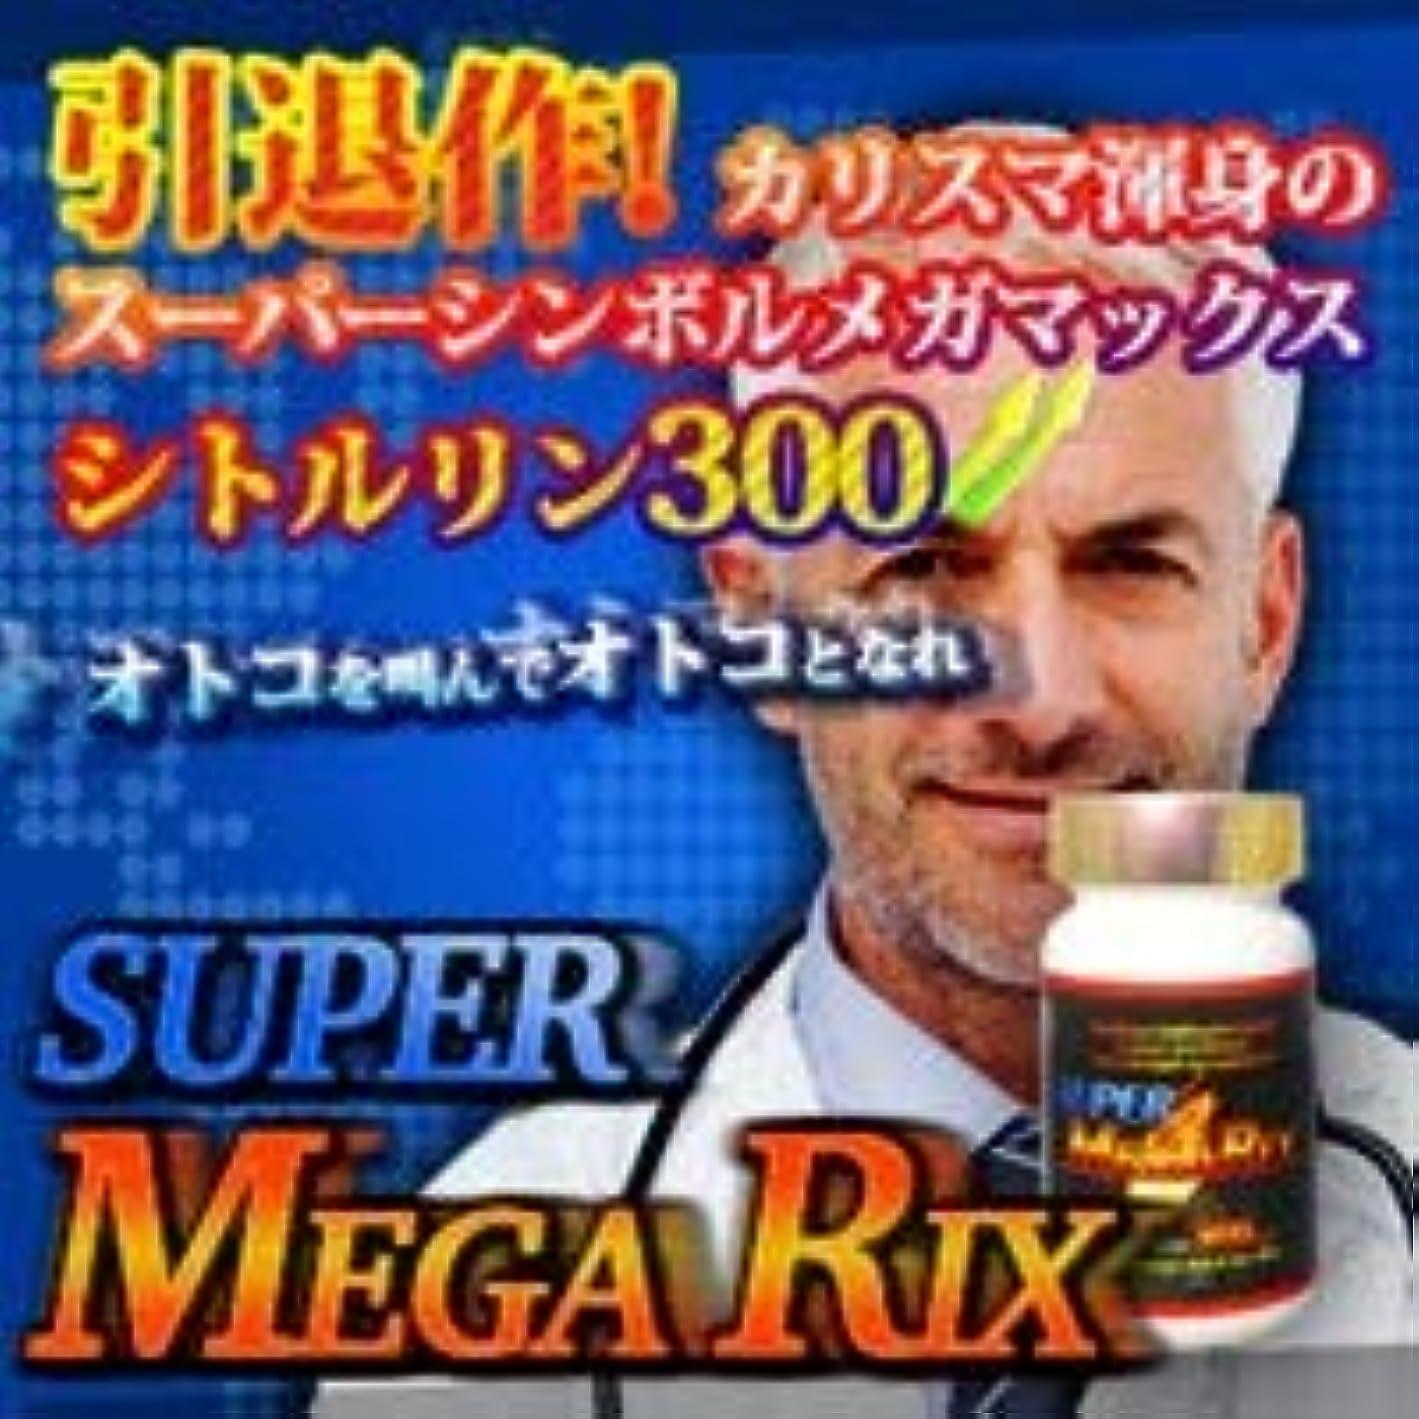 好む広範囲辛いサイオ Super Megarix(スーパーメガリクス)120錠 特別価格120錠×1個